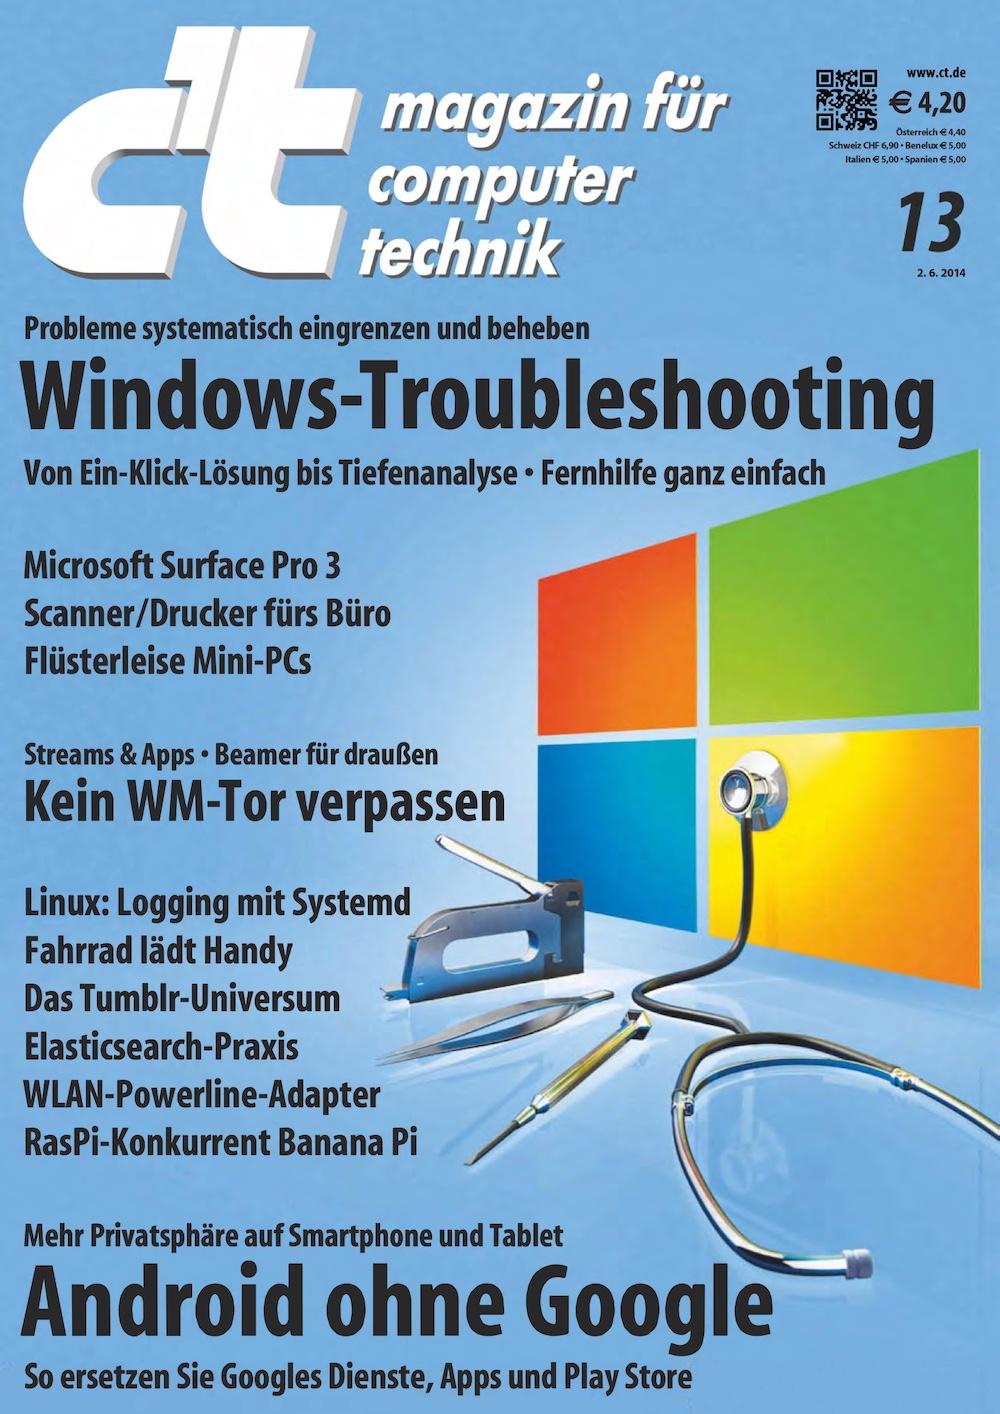 c't Magazin 2014-13